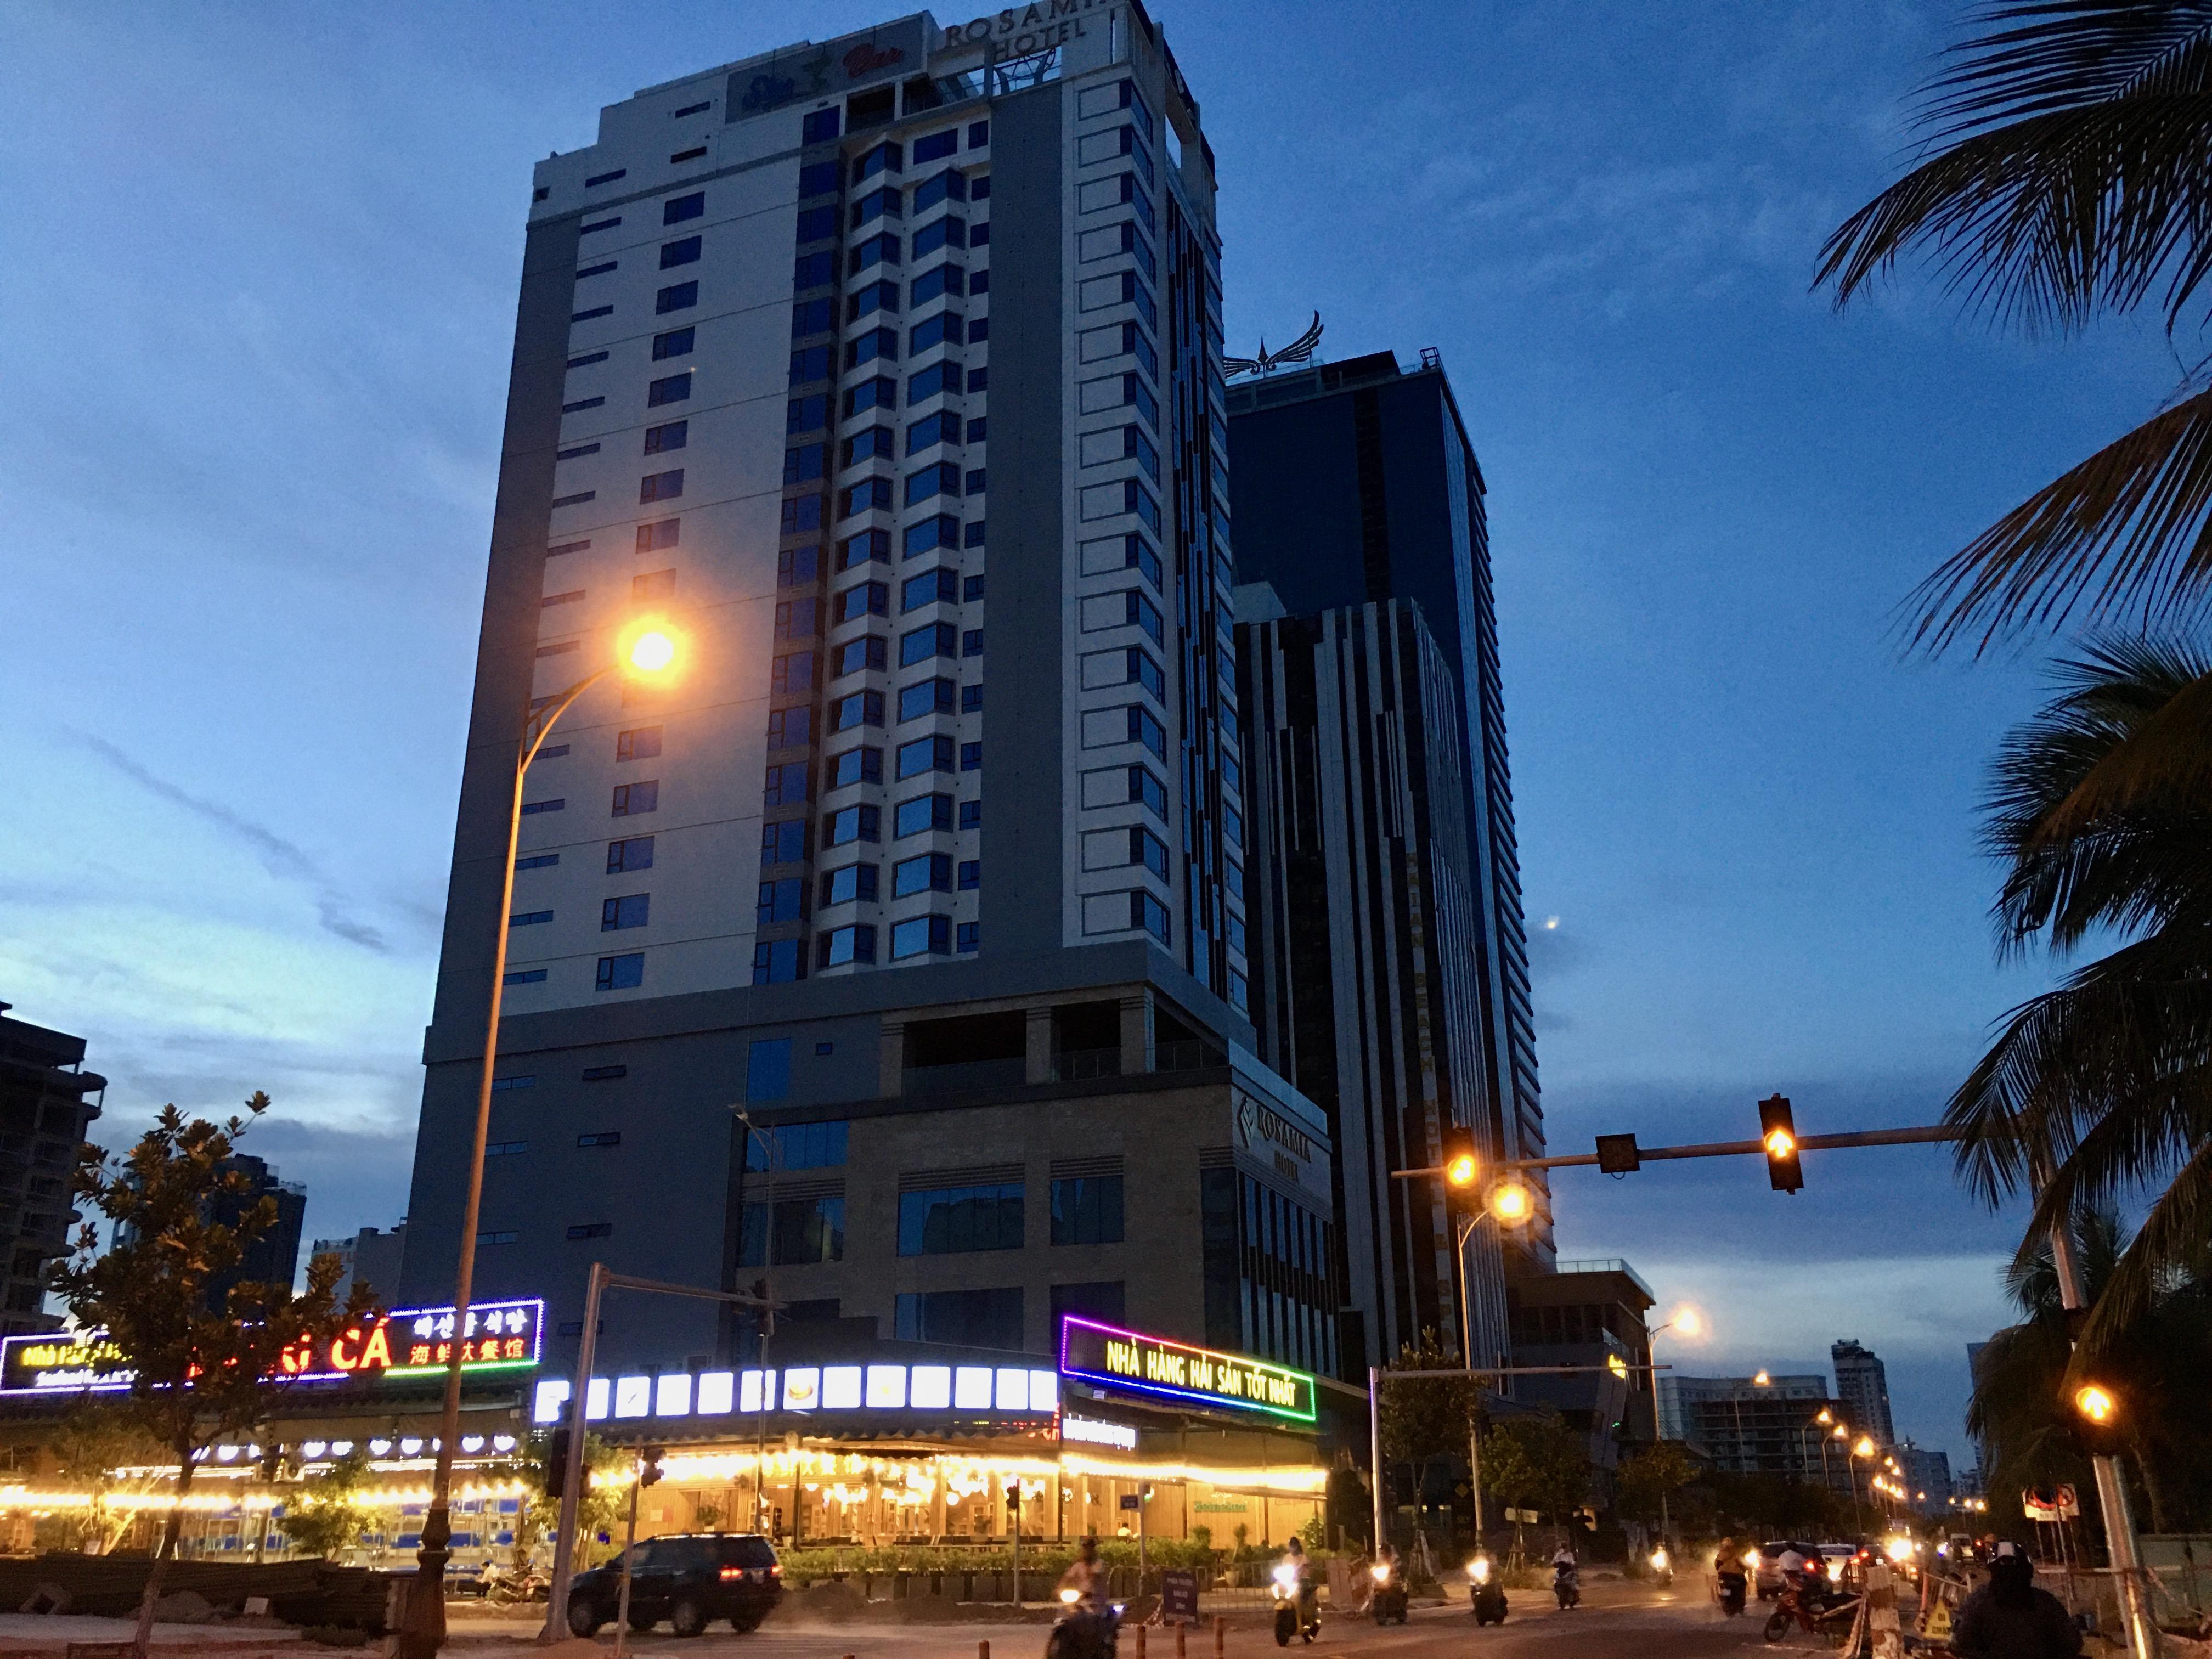 Phố khách sạn Đà Nẵng 'tối đèn', rao bán hàng trăm tỉ đồng - Ảnh 5.